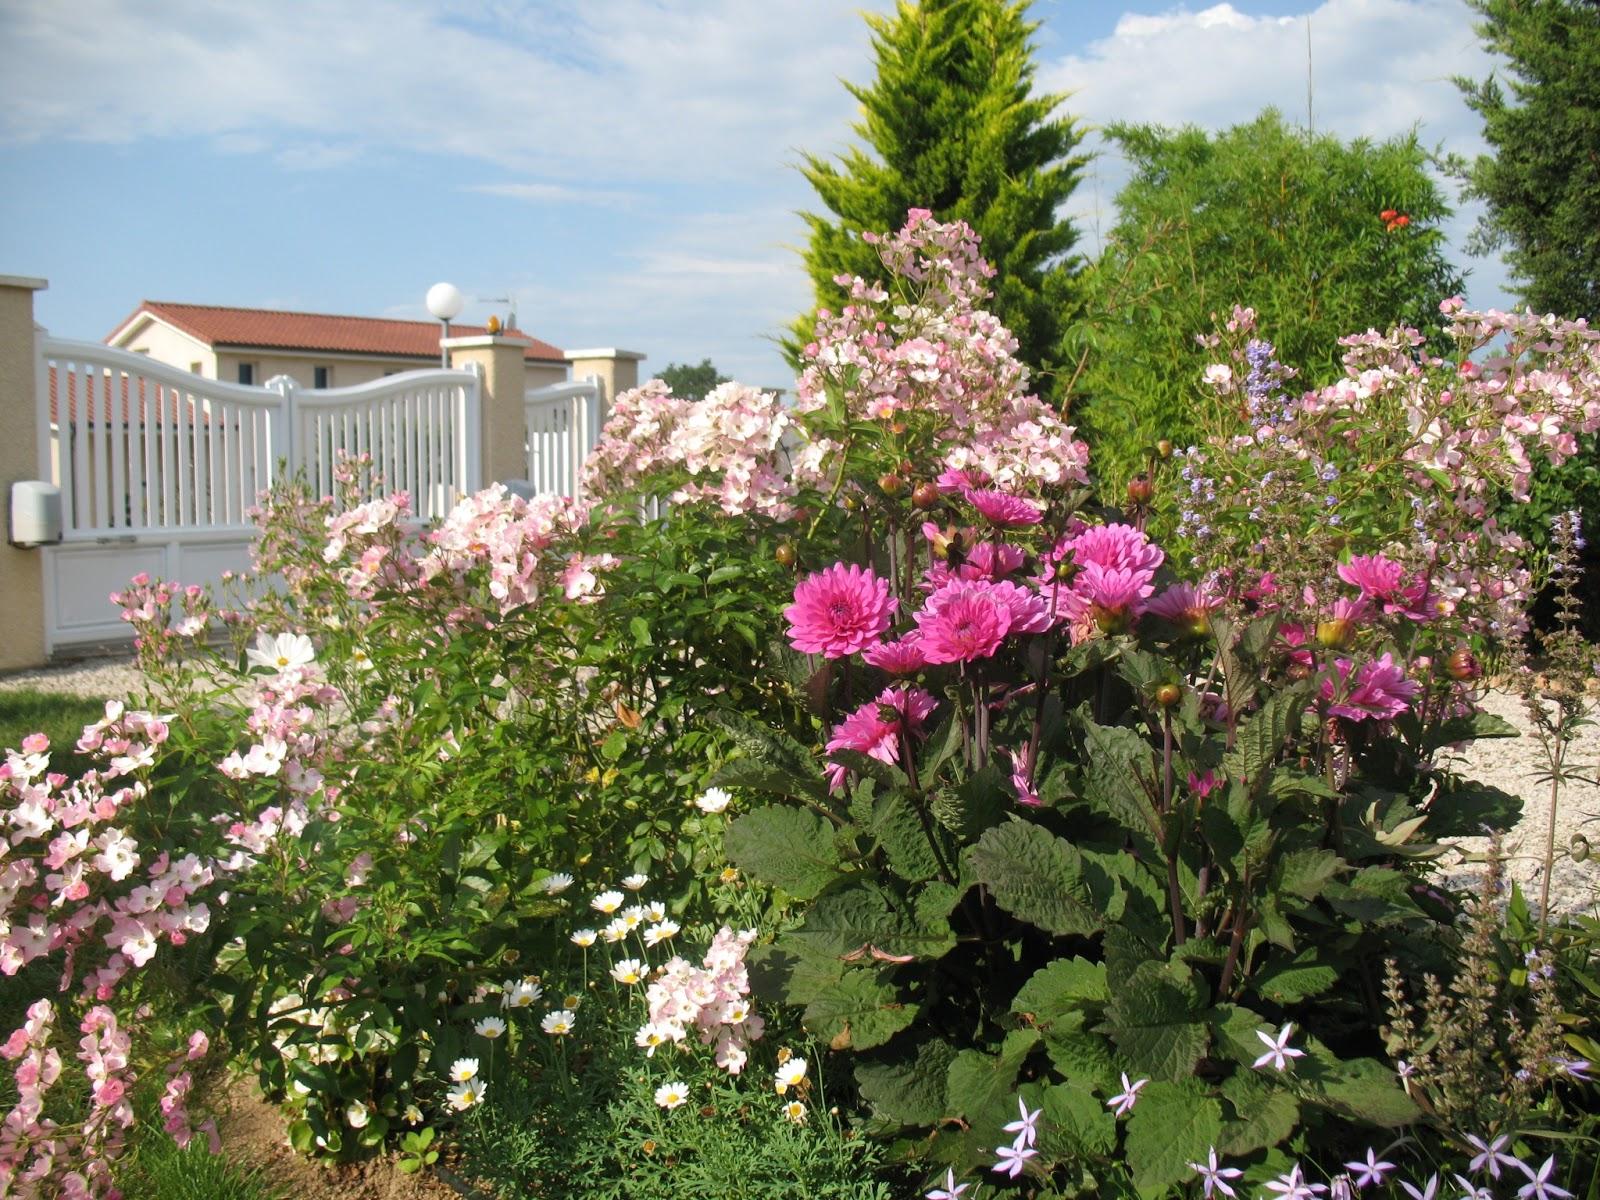 Roses du jardin ch neland dahlia blue hawa - Quand mettre du fumier de cheval dans le jardin ...